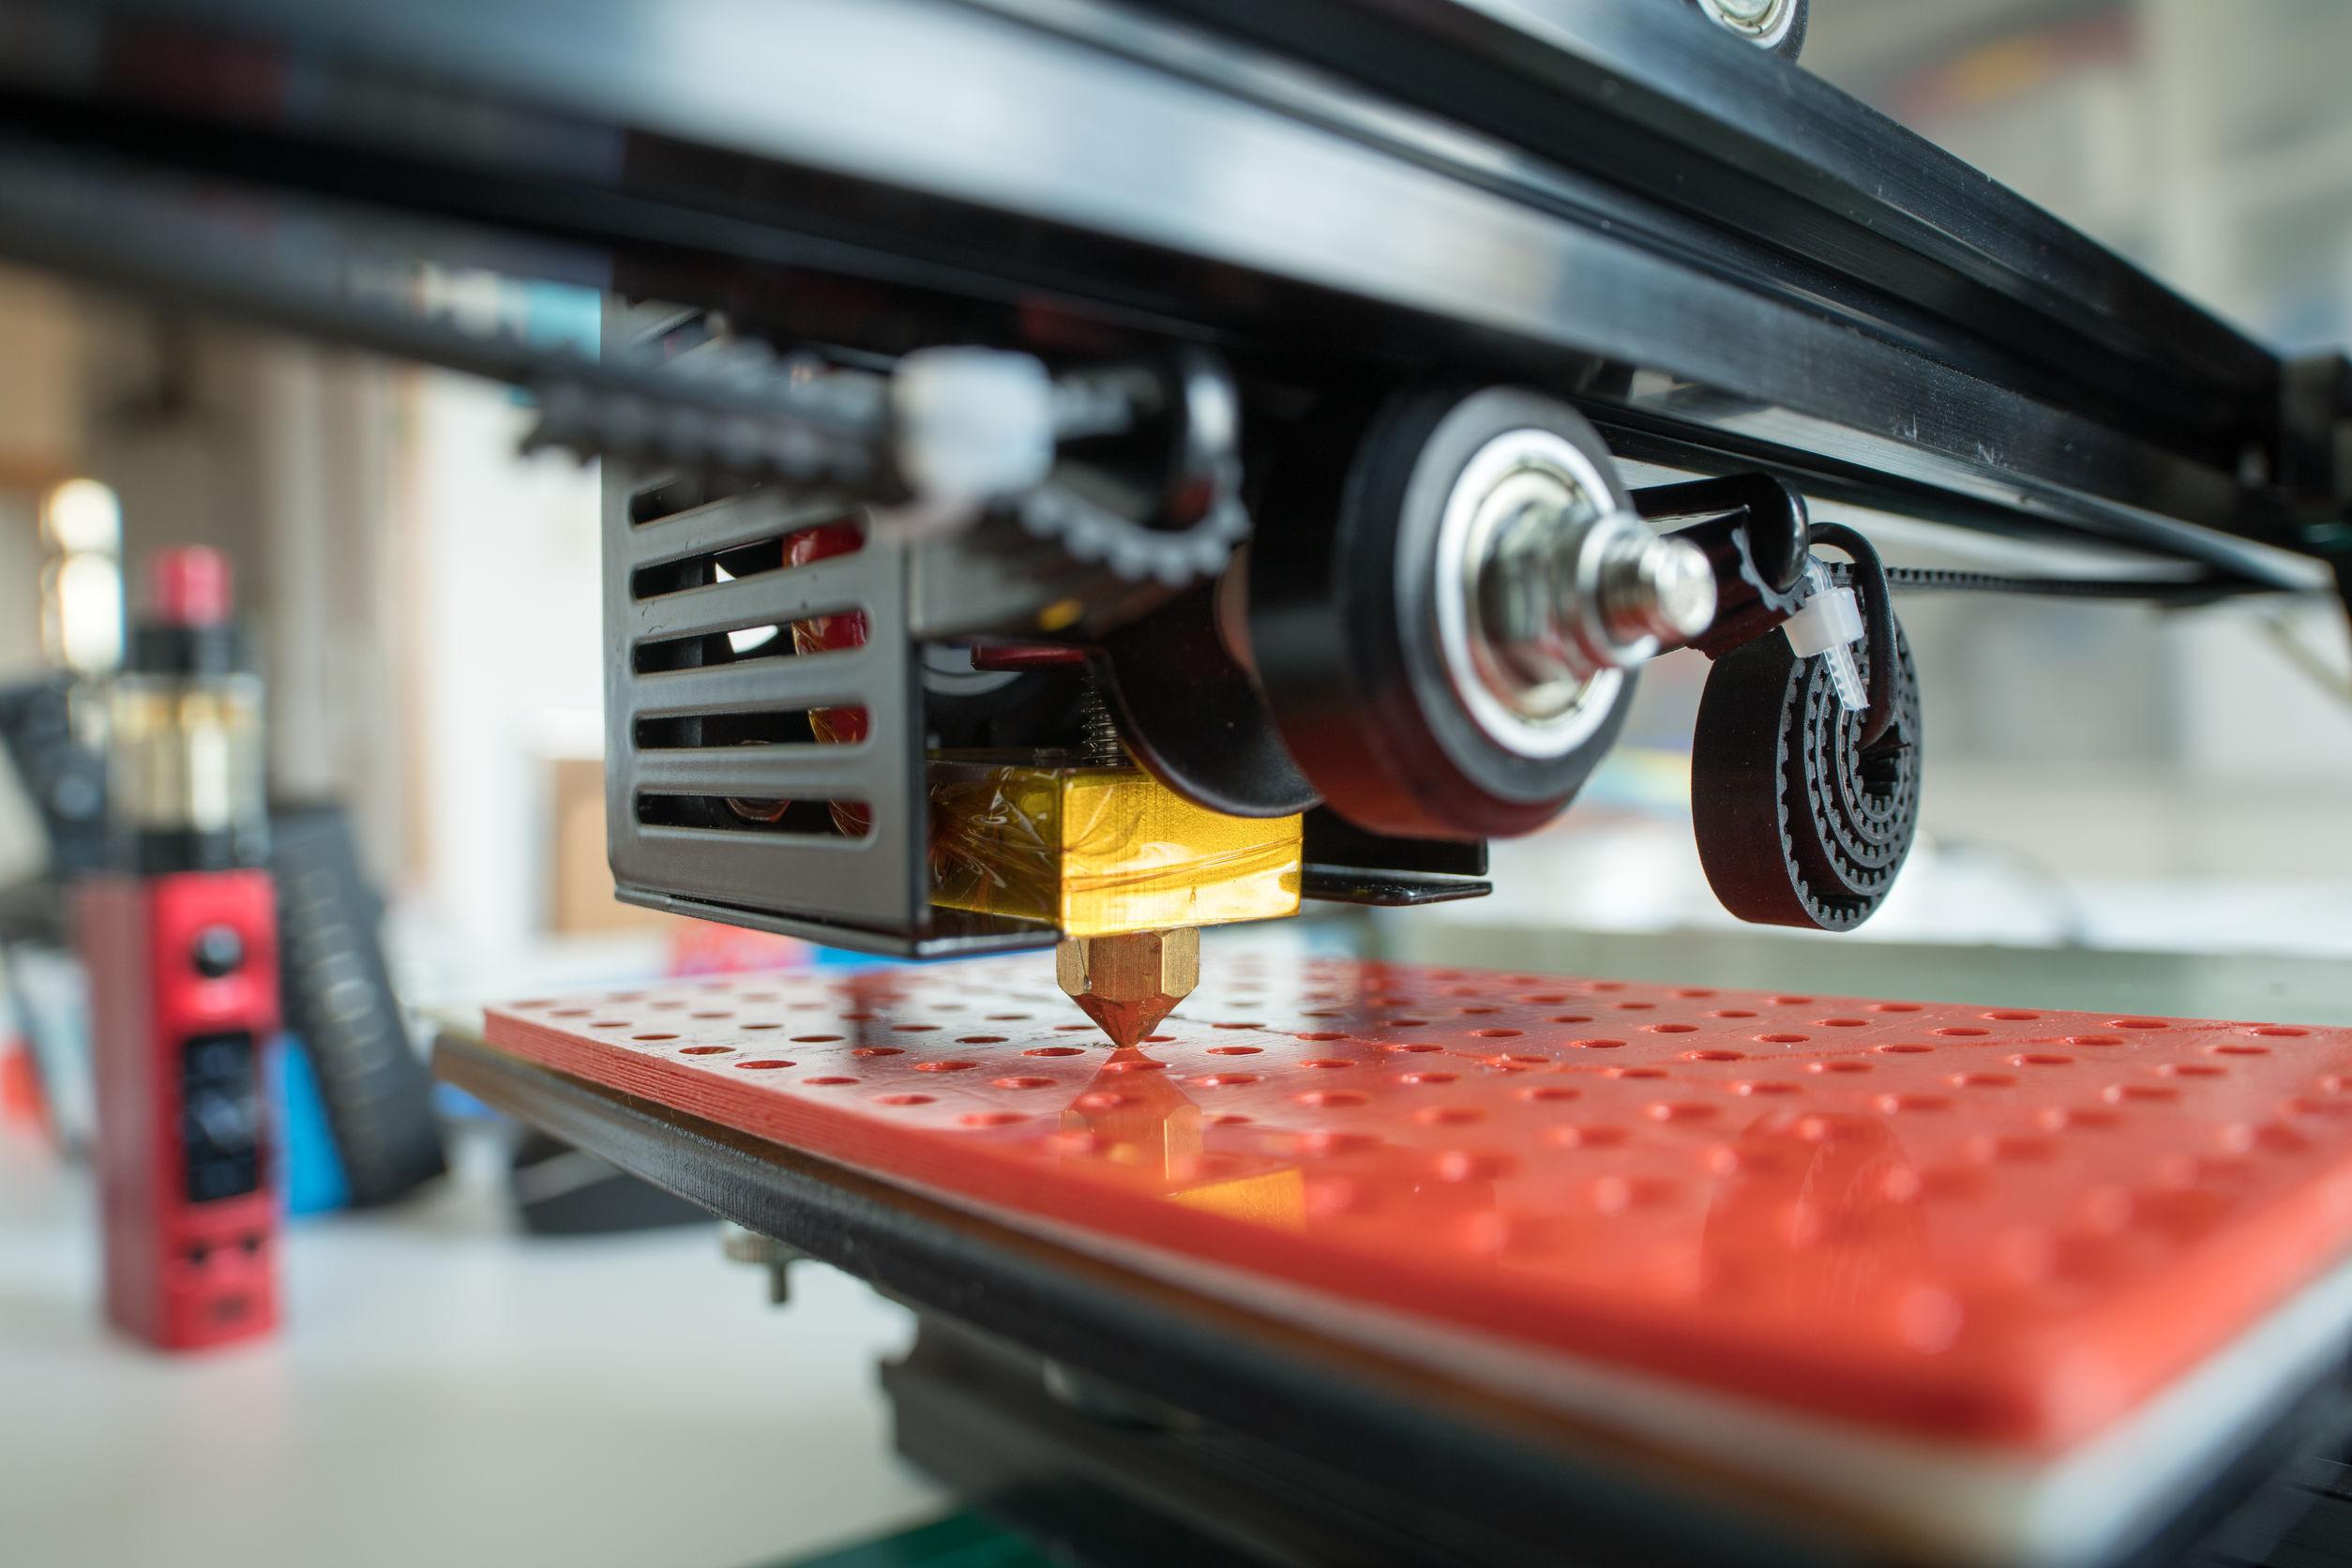 Miglior stampante 3D 2021: Guida all'acquisto